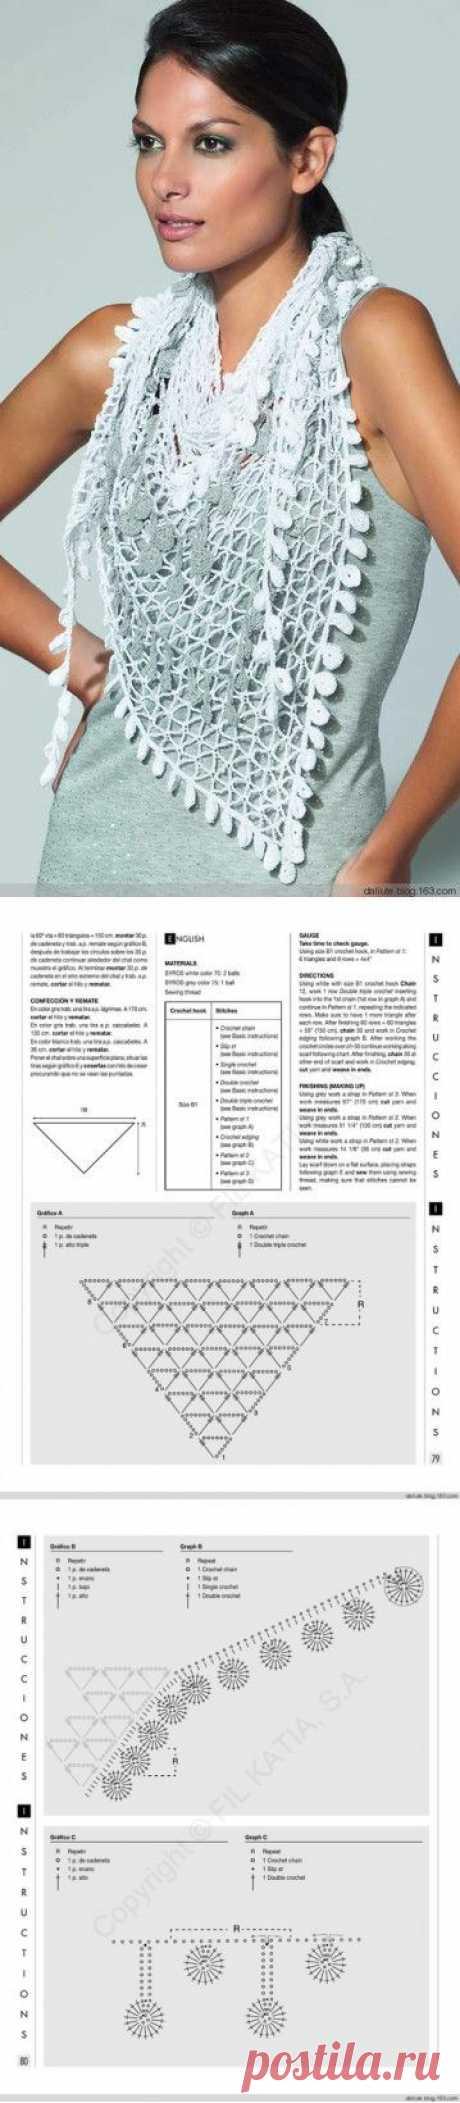 Die 2746 besten Bilder zu crochet auf Pinterest | Häkelpuppe Muster, gehäkelte Oberteile und Kostenlos Häkeln